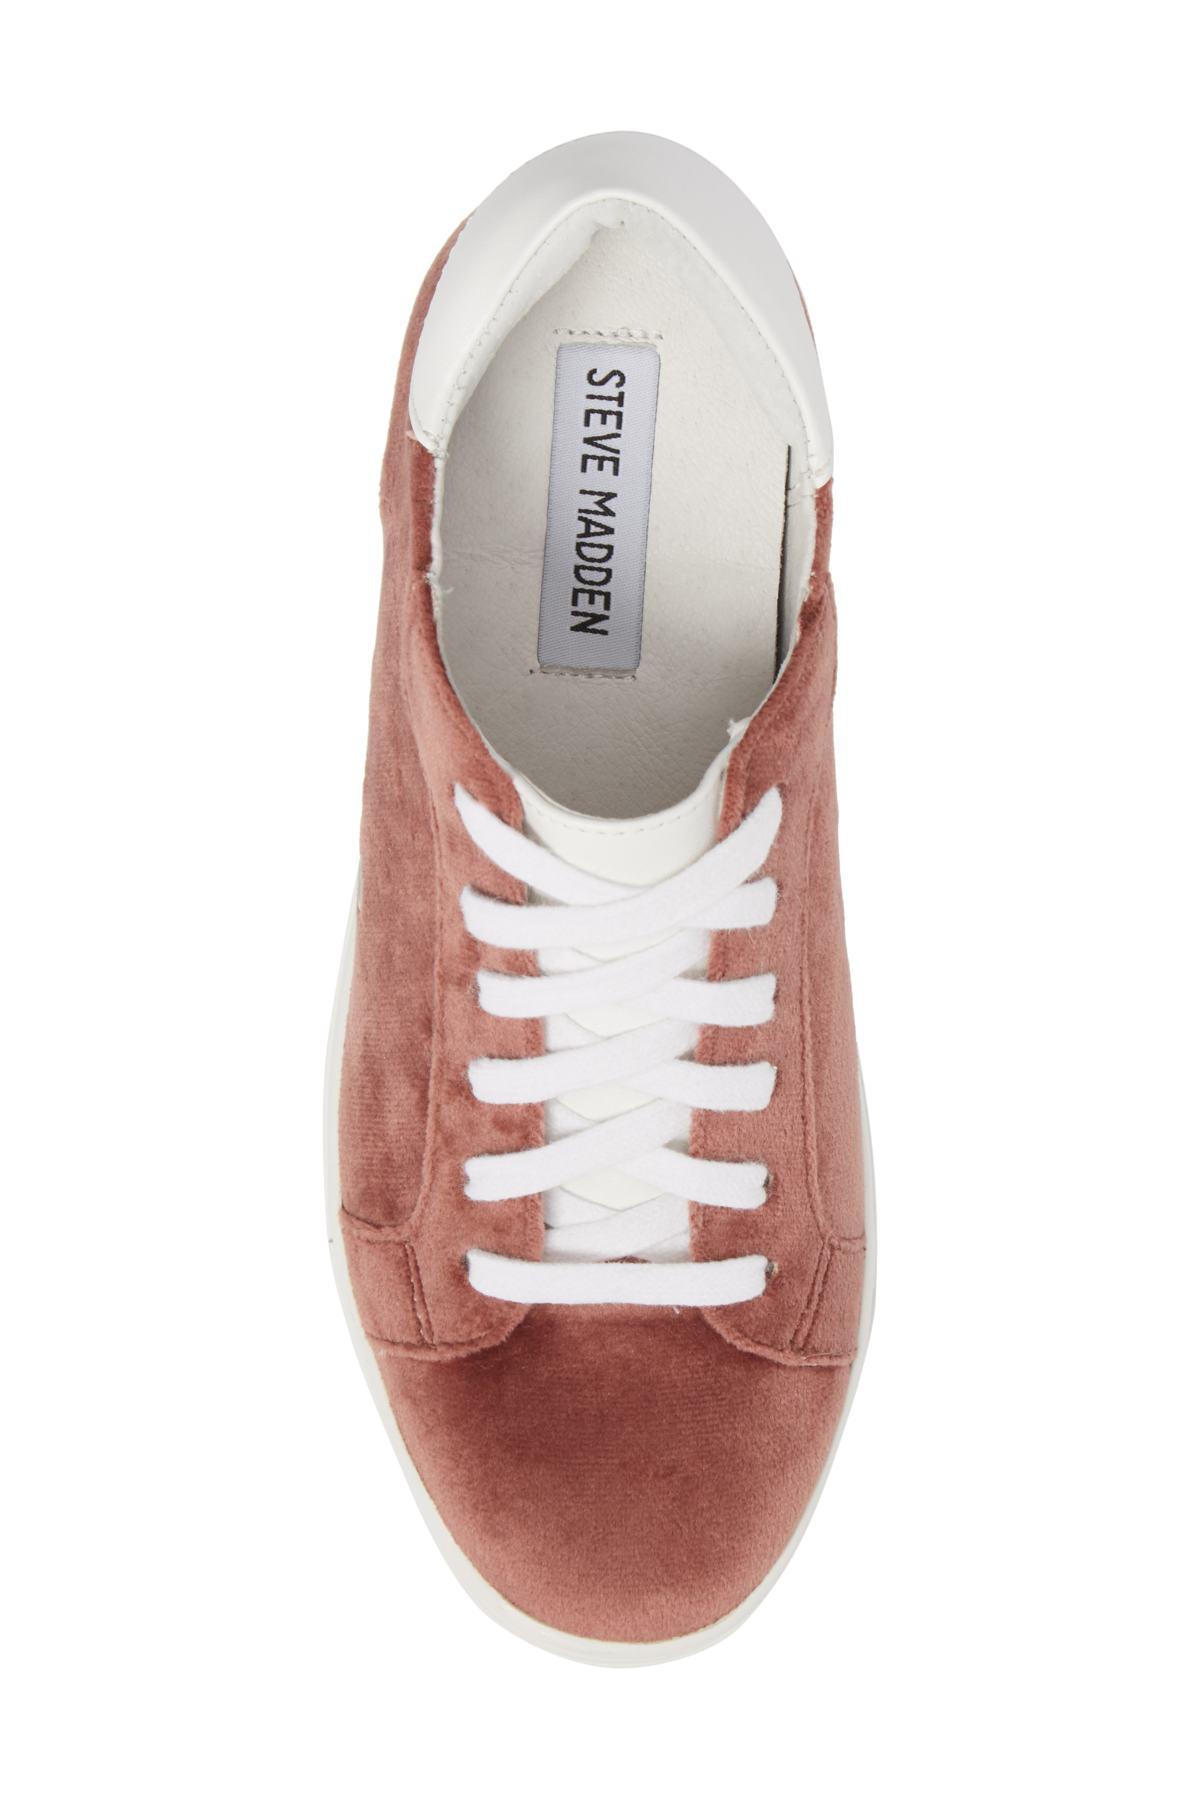 6512c40f9c2 Steve Madden Velvet Steal Concealed Wedge Sneaker - Lyst